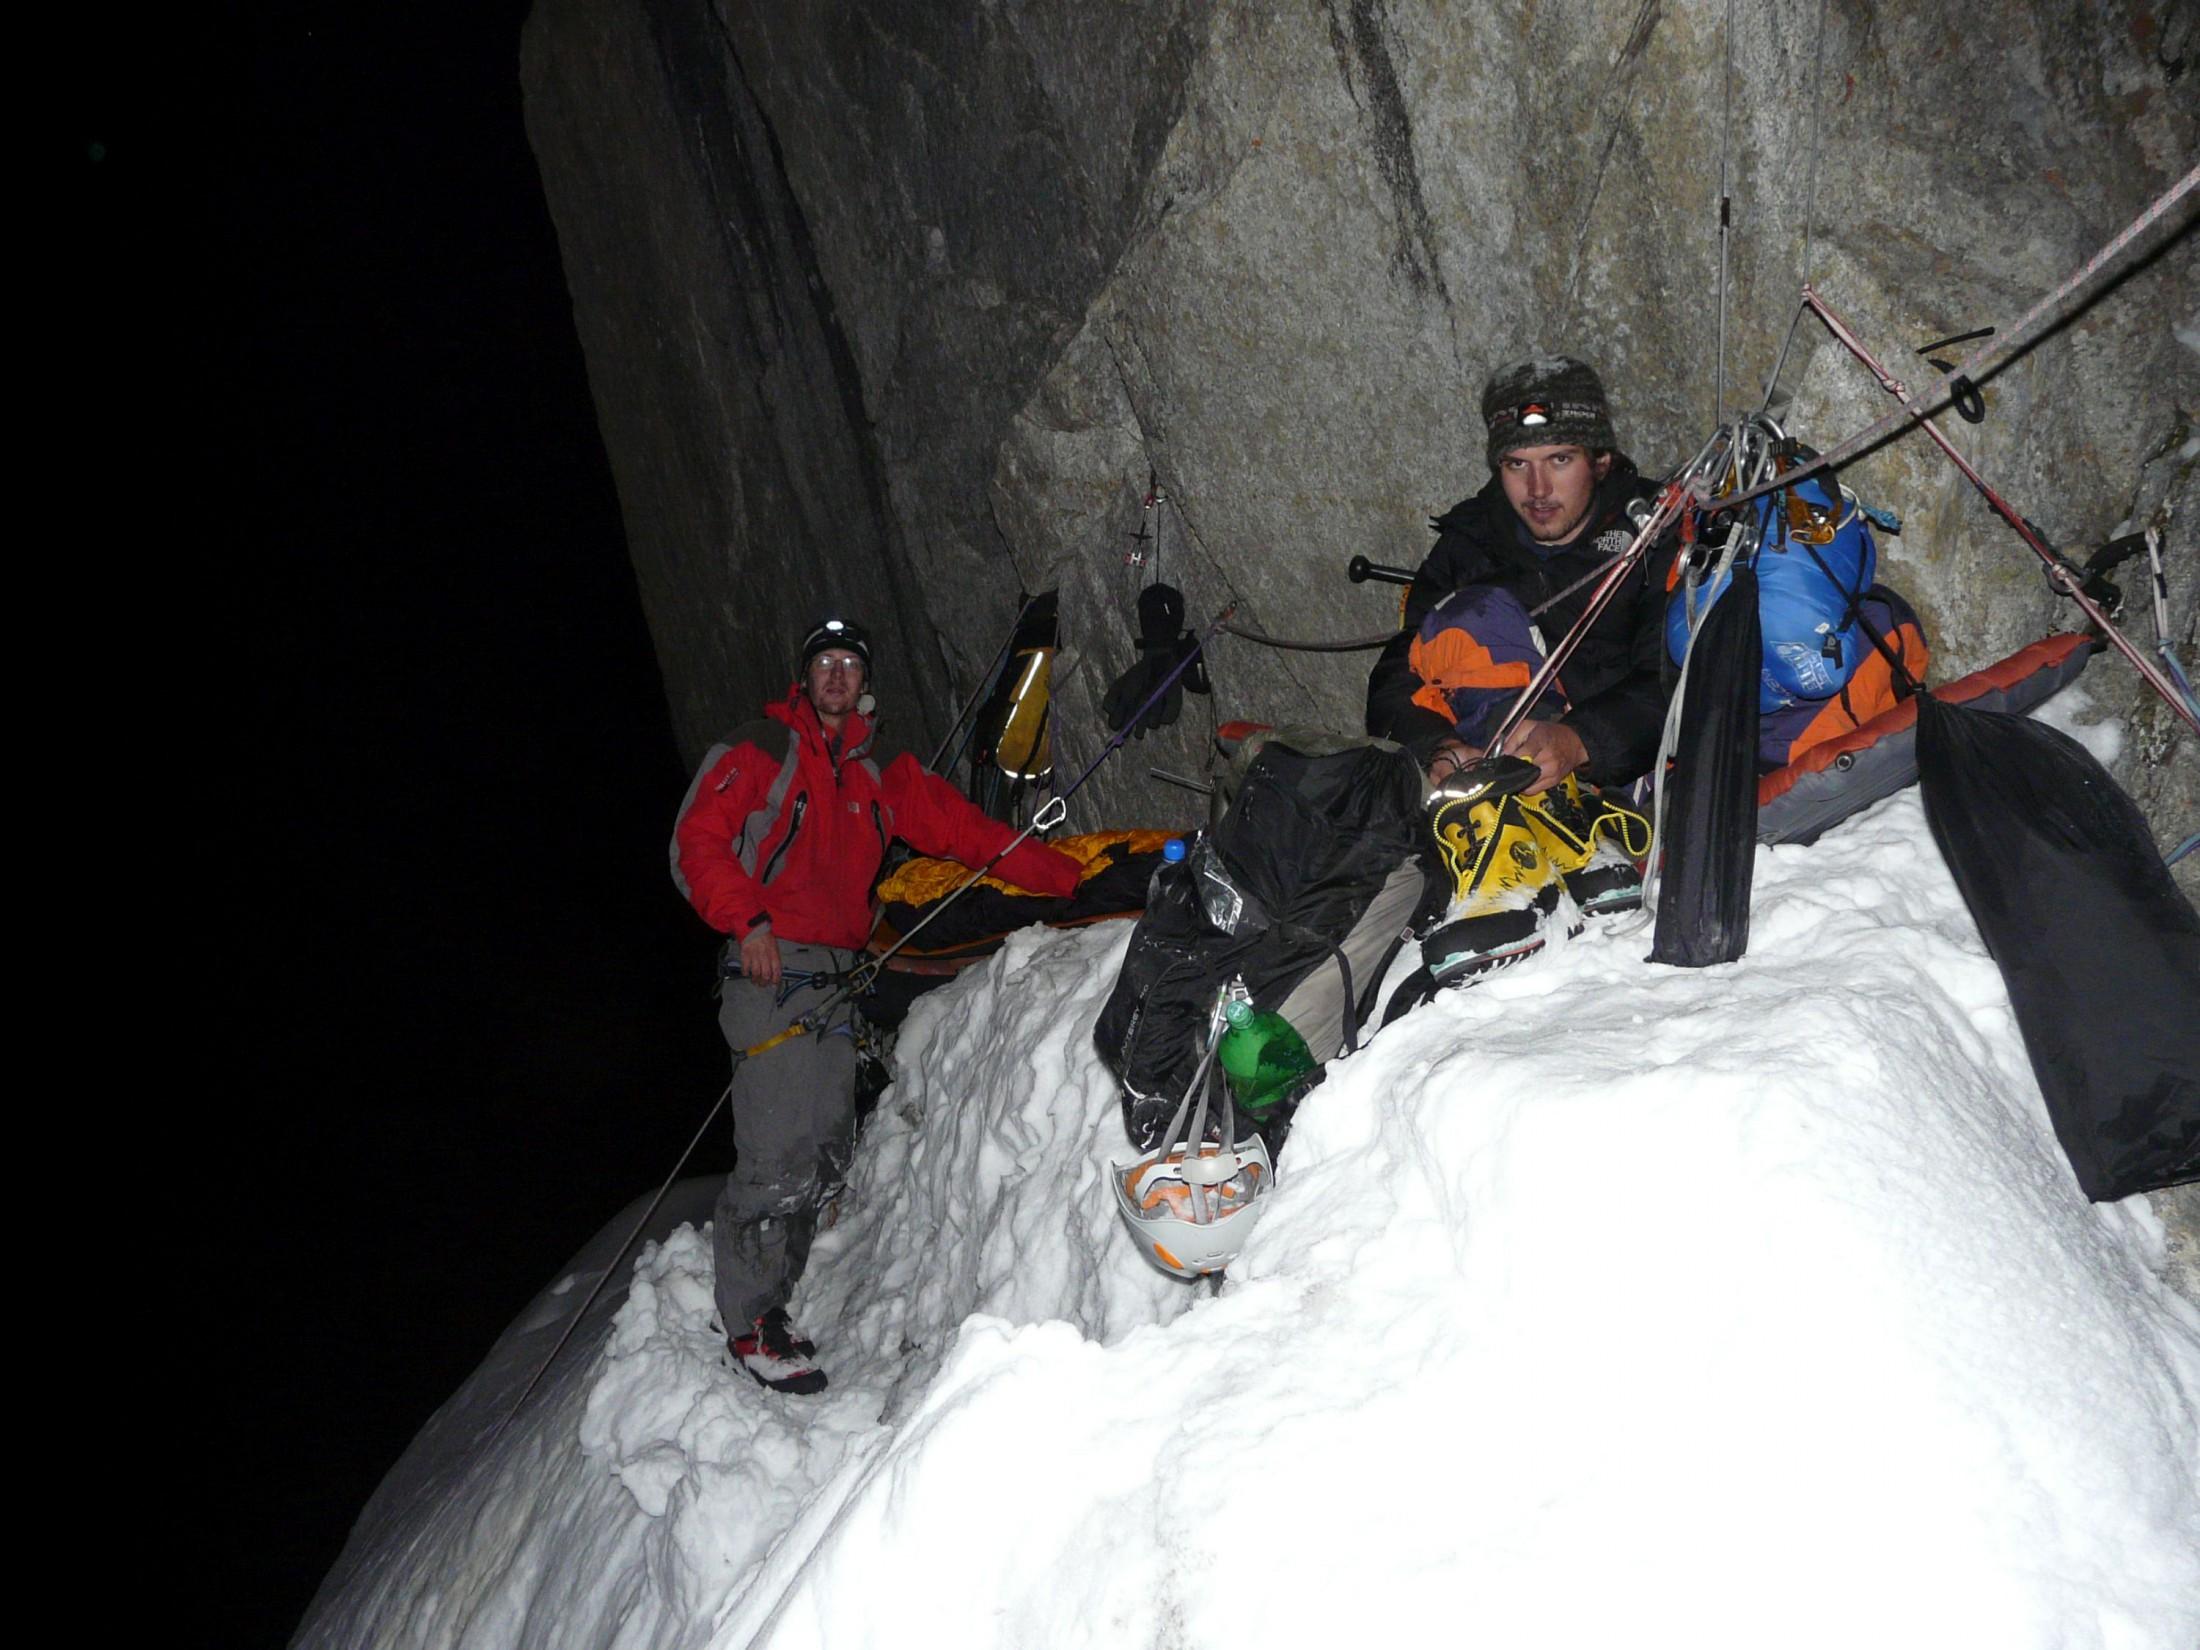 Survival im winterlichen Gebirge